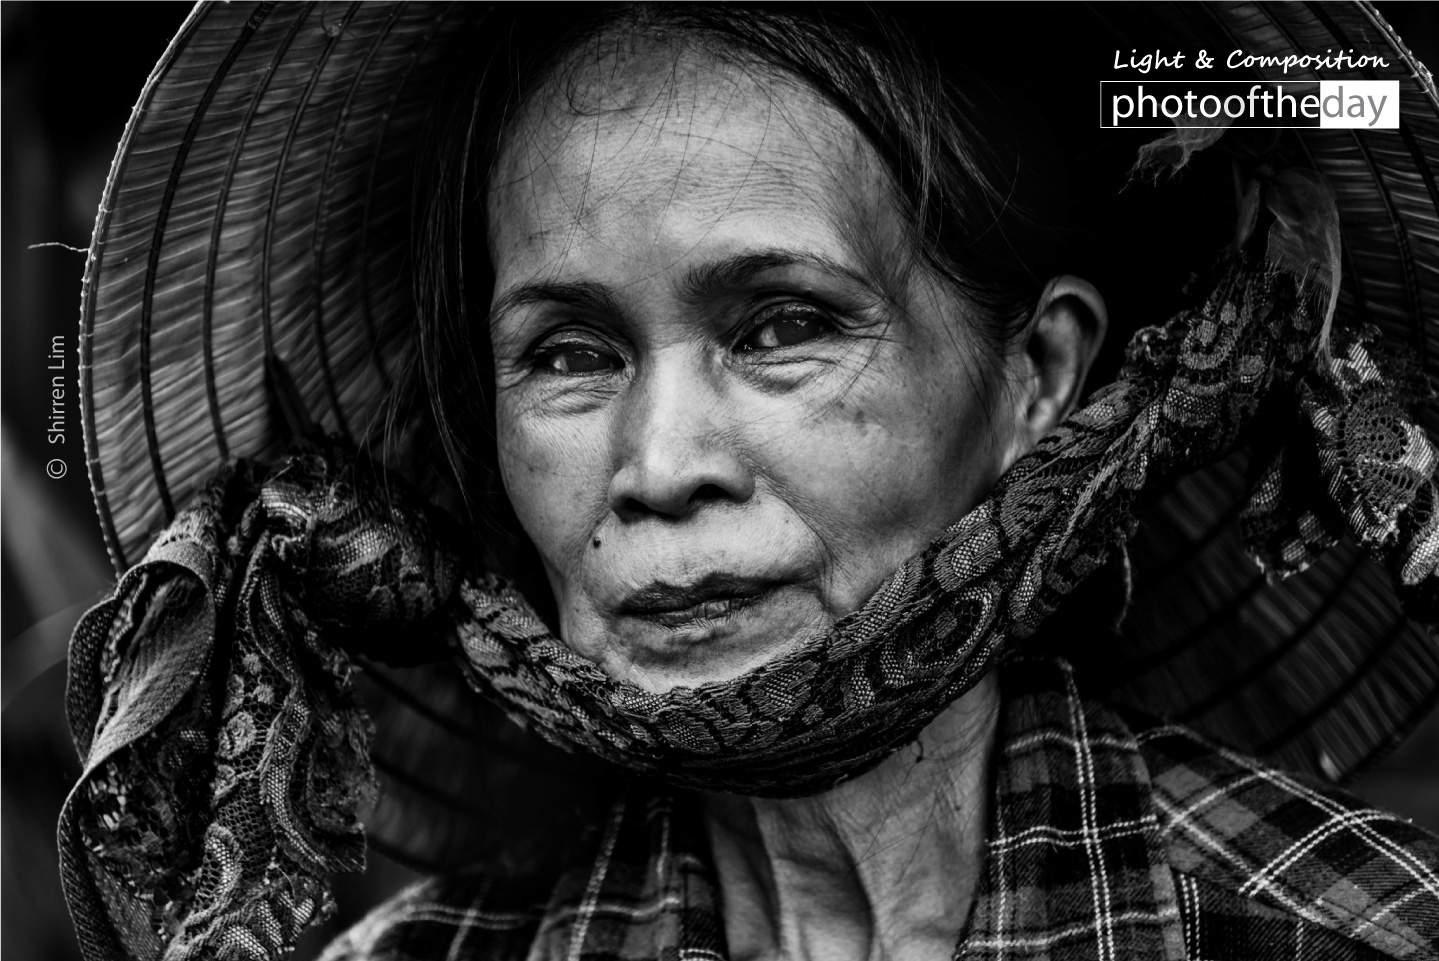 An Old Man of Hoi An by Shirren Lim